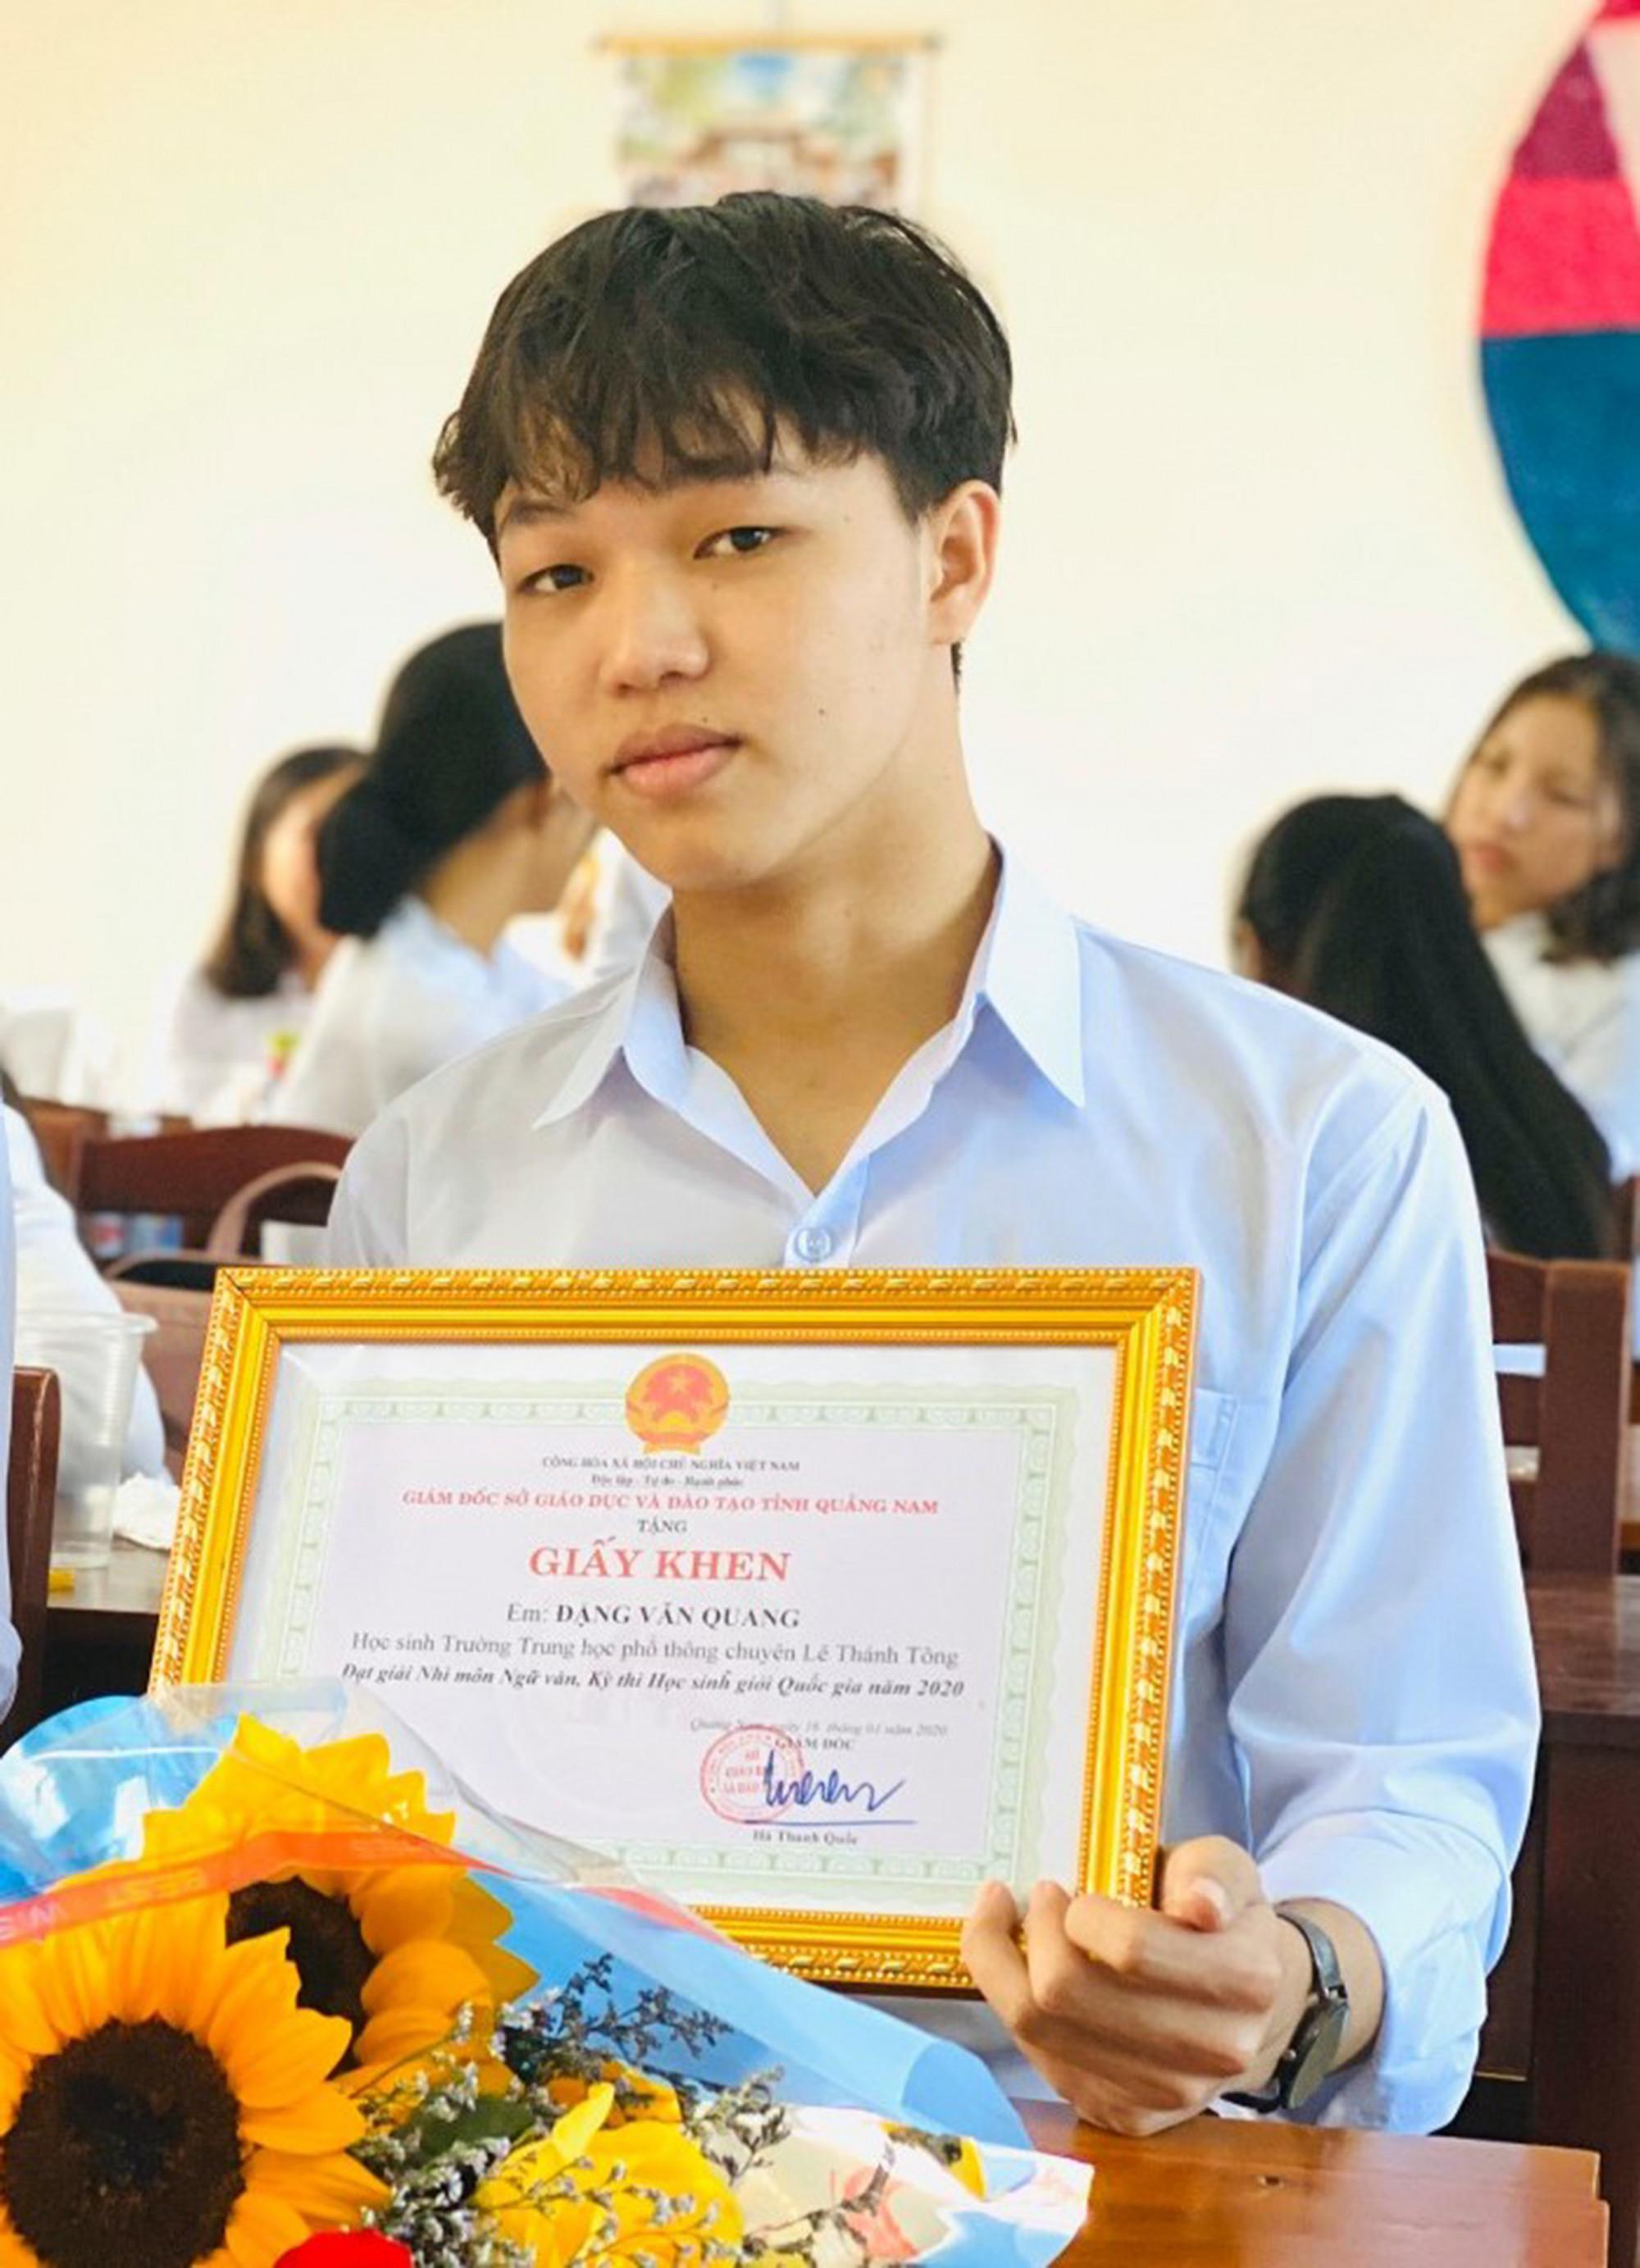 Thủ khoa Đặng Văn Quang